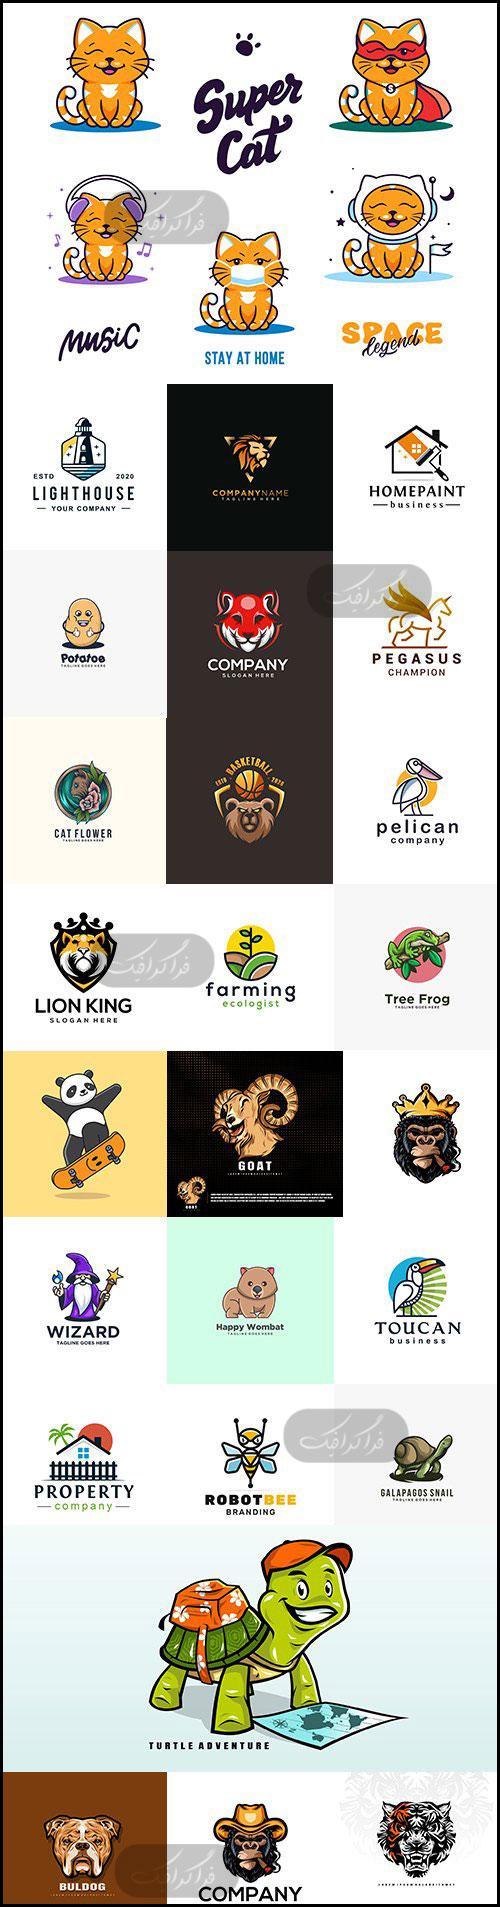 دانلود لوگو های حیوانات - وکتور لایه باز - شماره 6